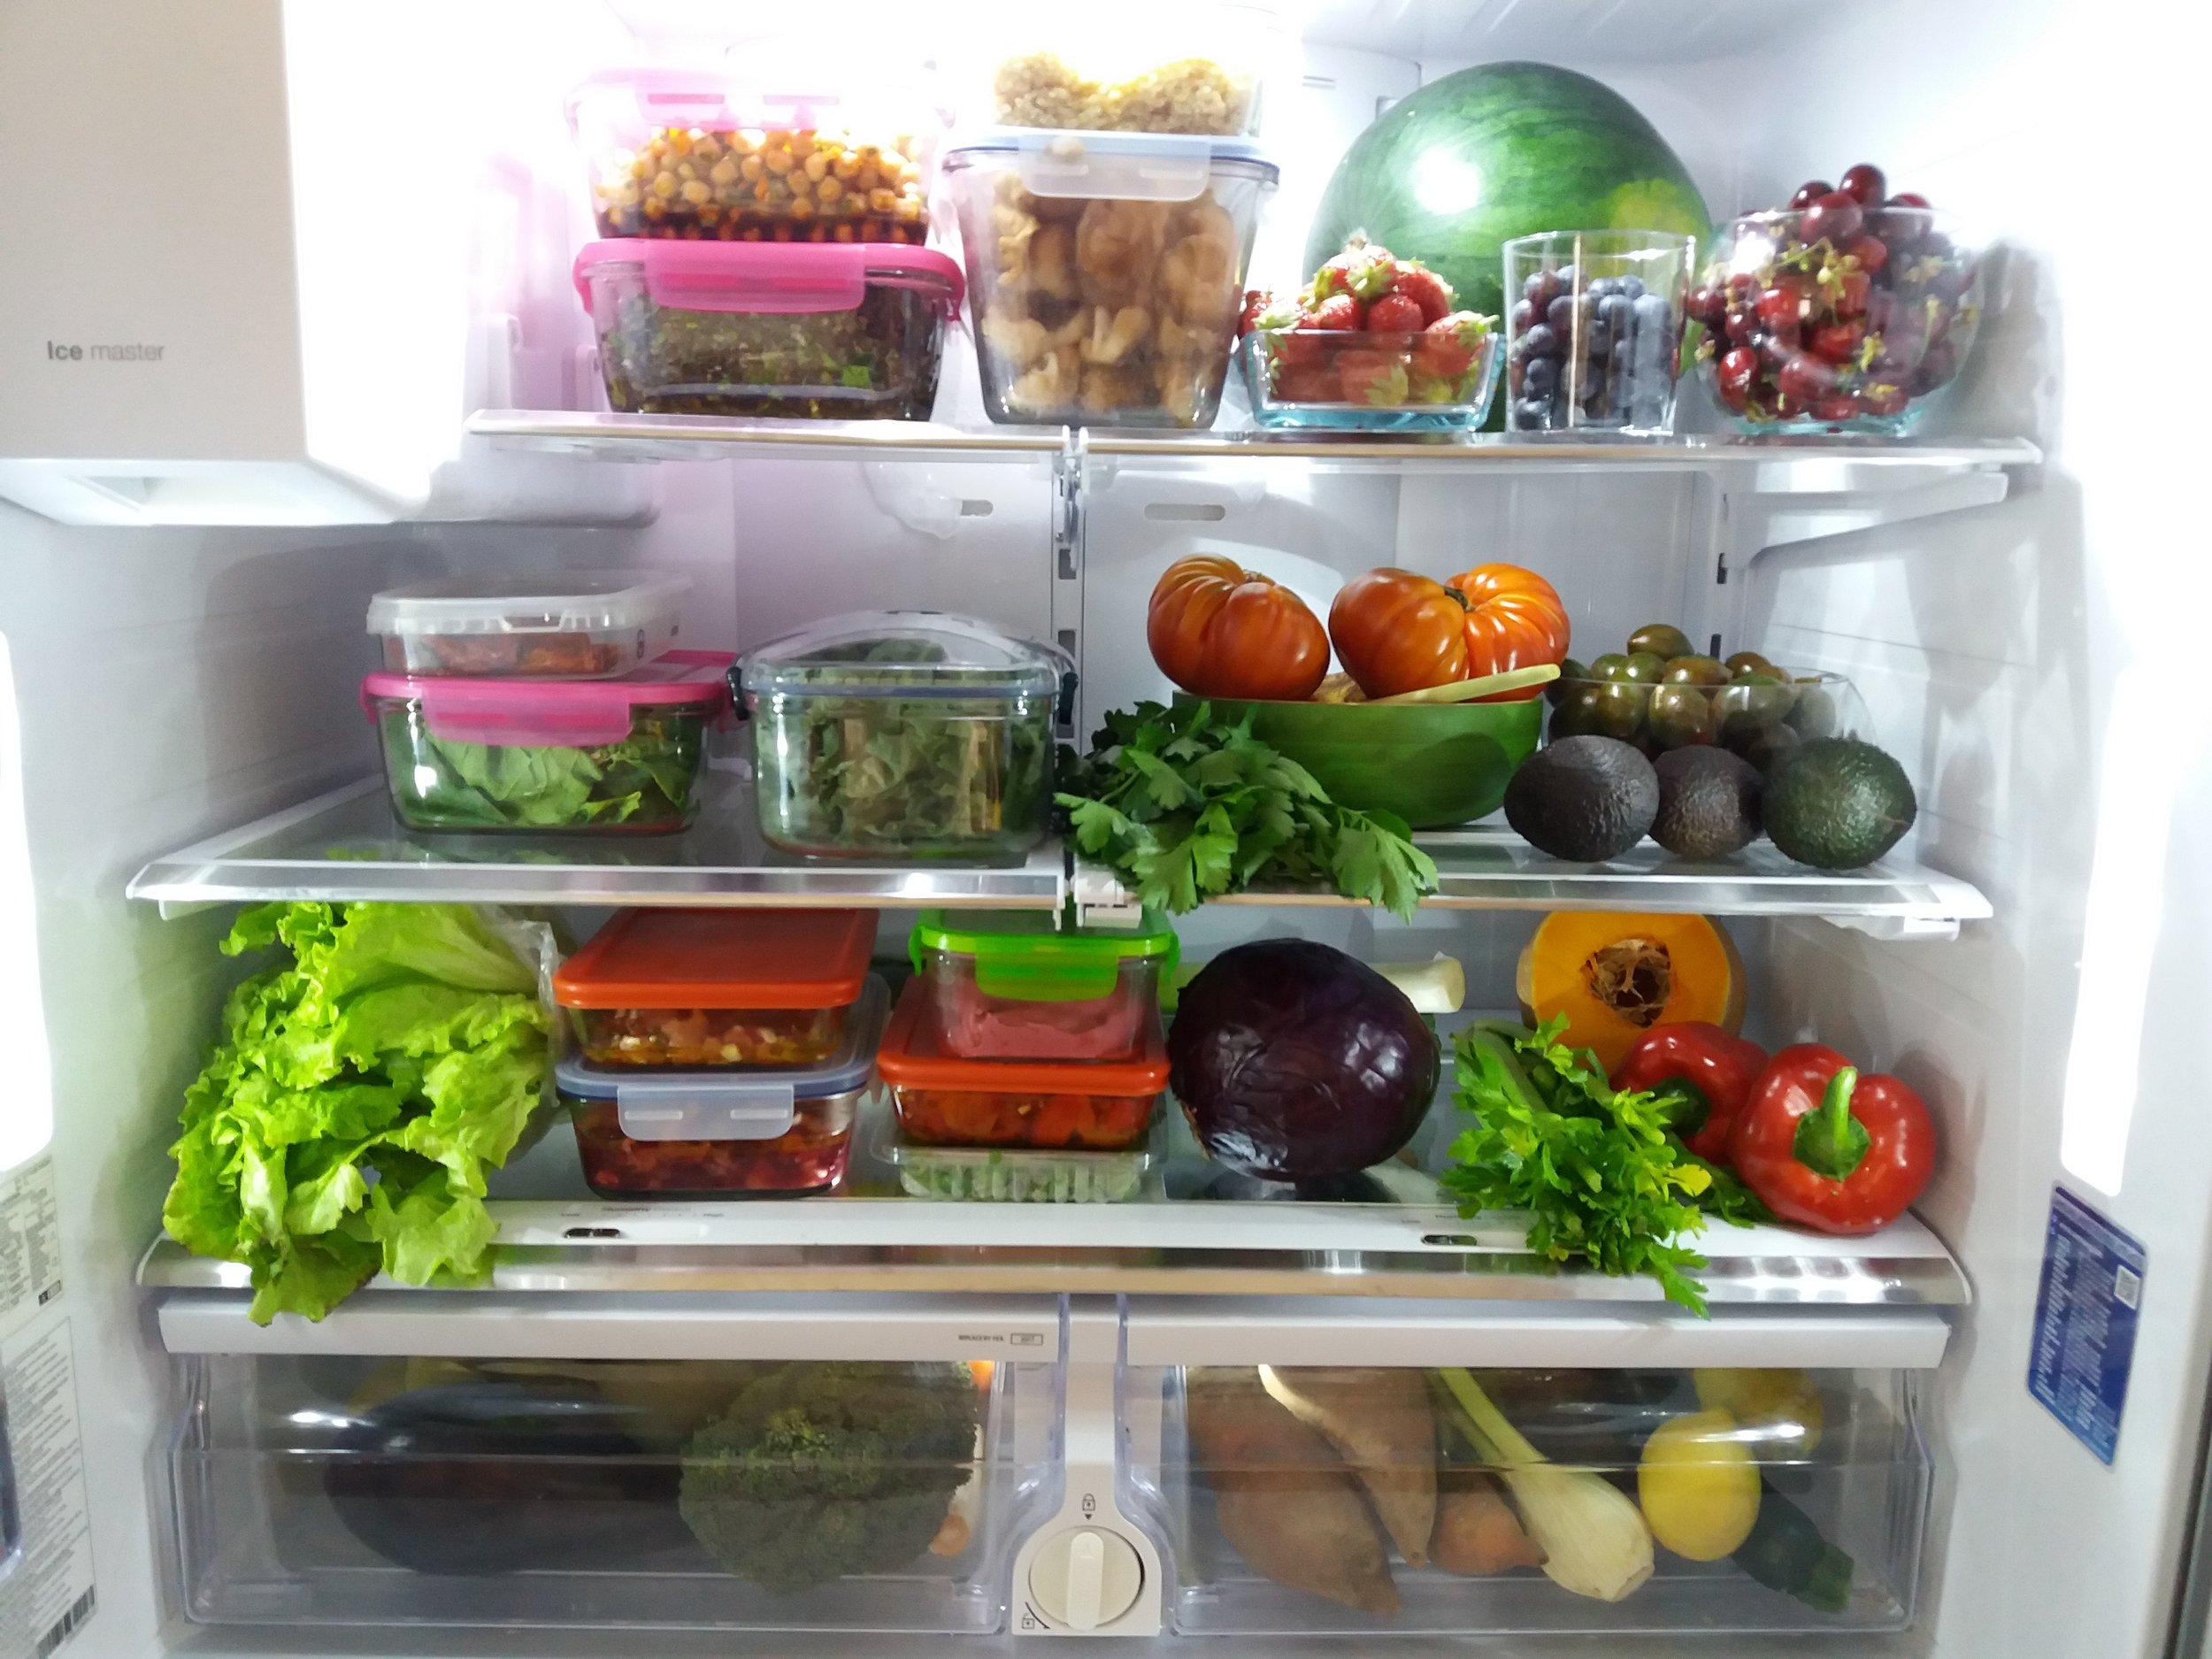 CUIDA TU ALIMENTACIÓN PARA VIVIR CON SALUD - Aprende a cómo ayudar a tu cuerpo a estar en equilibrio con una correcta alimentación y cambios en tu estilo de vida!¿Quieres sentirte con más energía y vitalidad? ¿Te gustaría disfrutar de una digestión más suave?¿Permanecer más cerca de tu peso equilibrado?¿Quieres fortalecer el sistema inmunológico?FECHA: Sábado, 5 Octubre 2019HORA: 10:30 - 15:00hLUGAR: LA NAVATA - GALAPAGARPRECIO: 50€